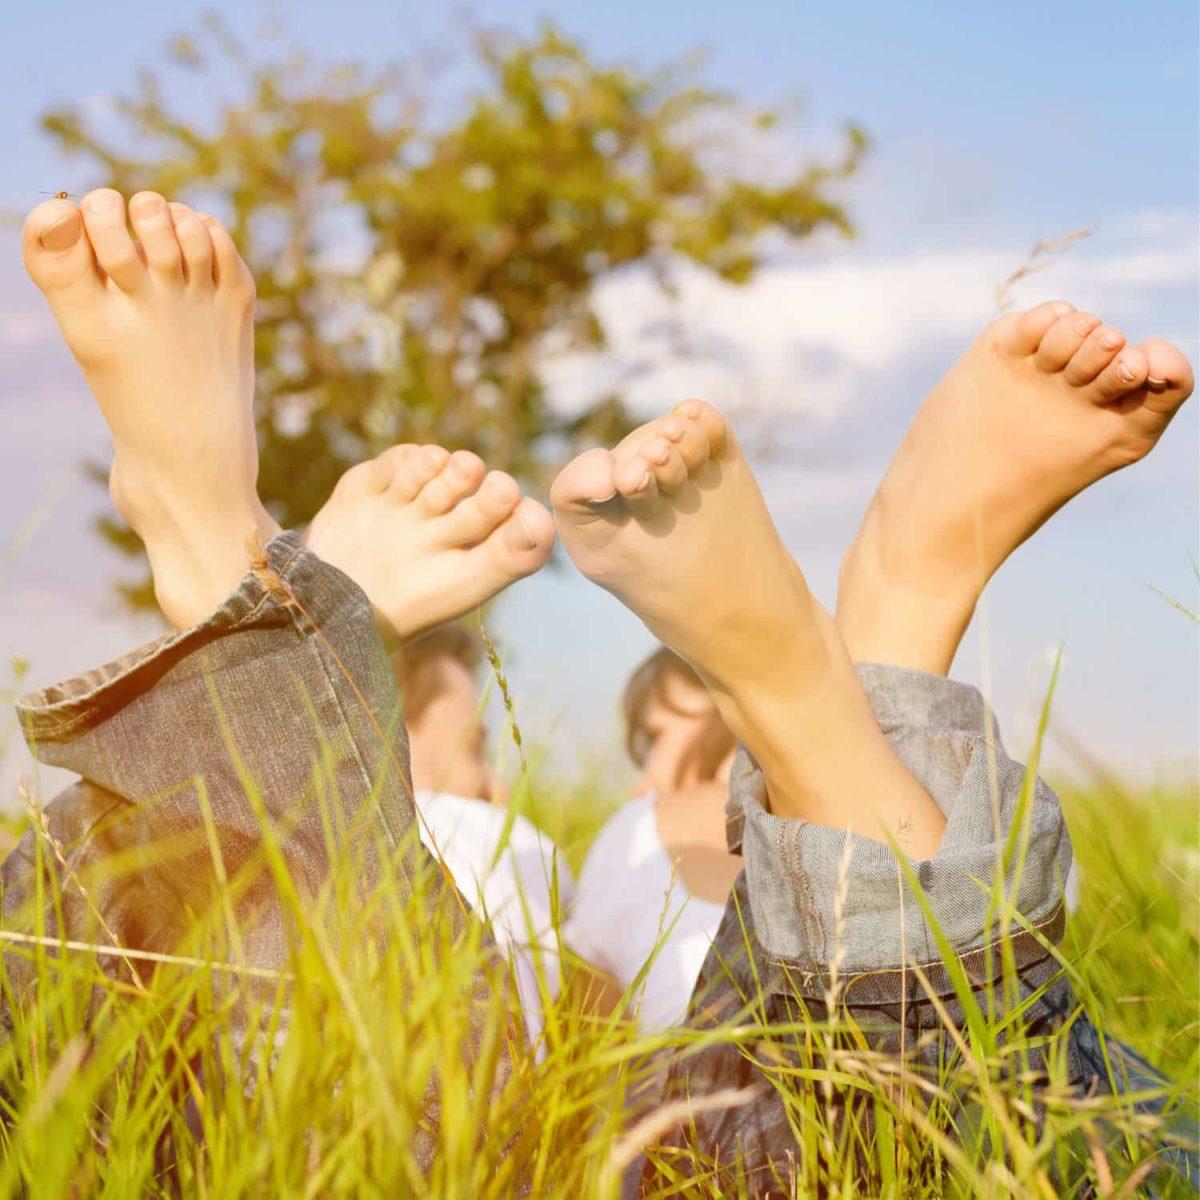 Casida Foot and Shoe Deo BioFit Pflanzlich 100 ml 10751316 PZN Apotheke Nagelpilz Fußpilz Schweißfüße8